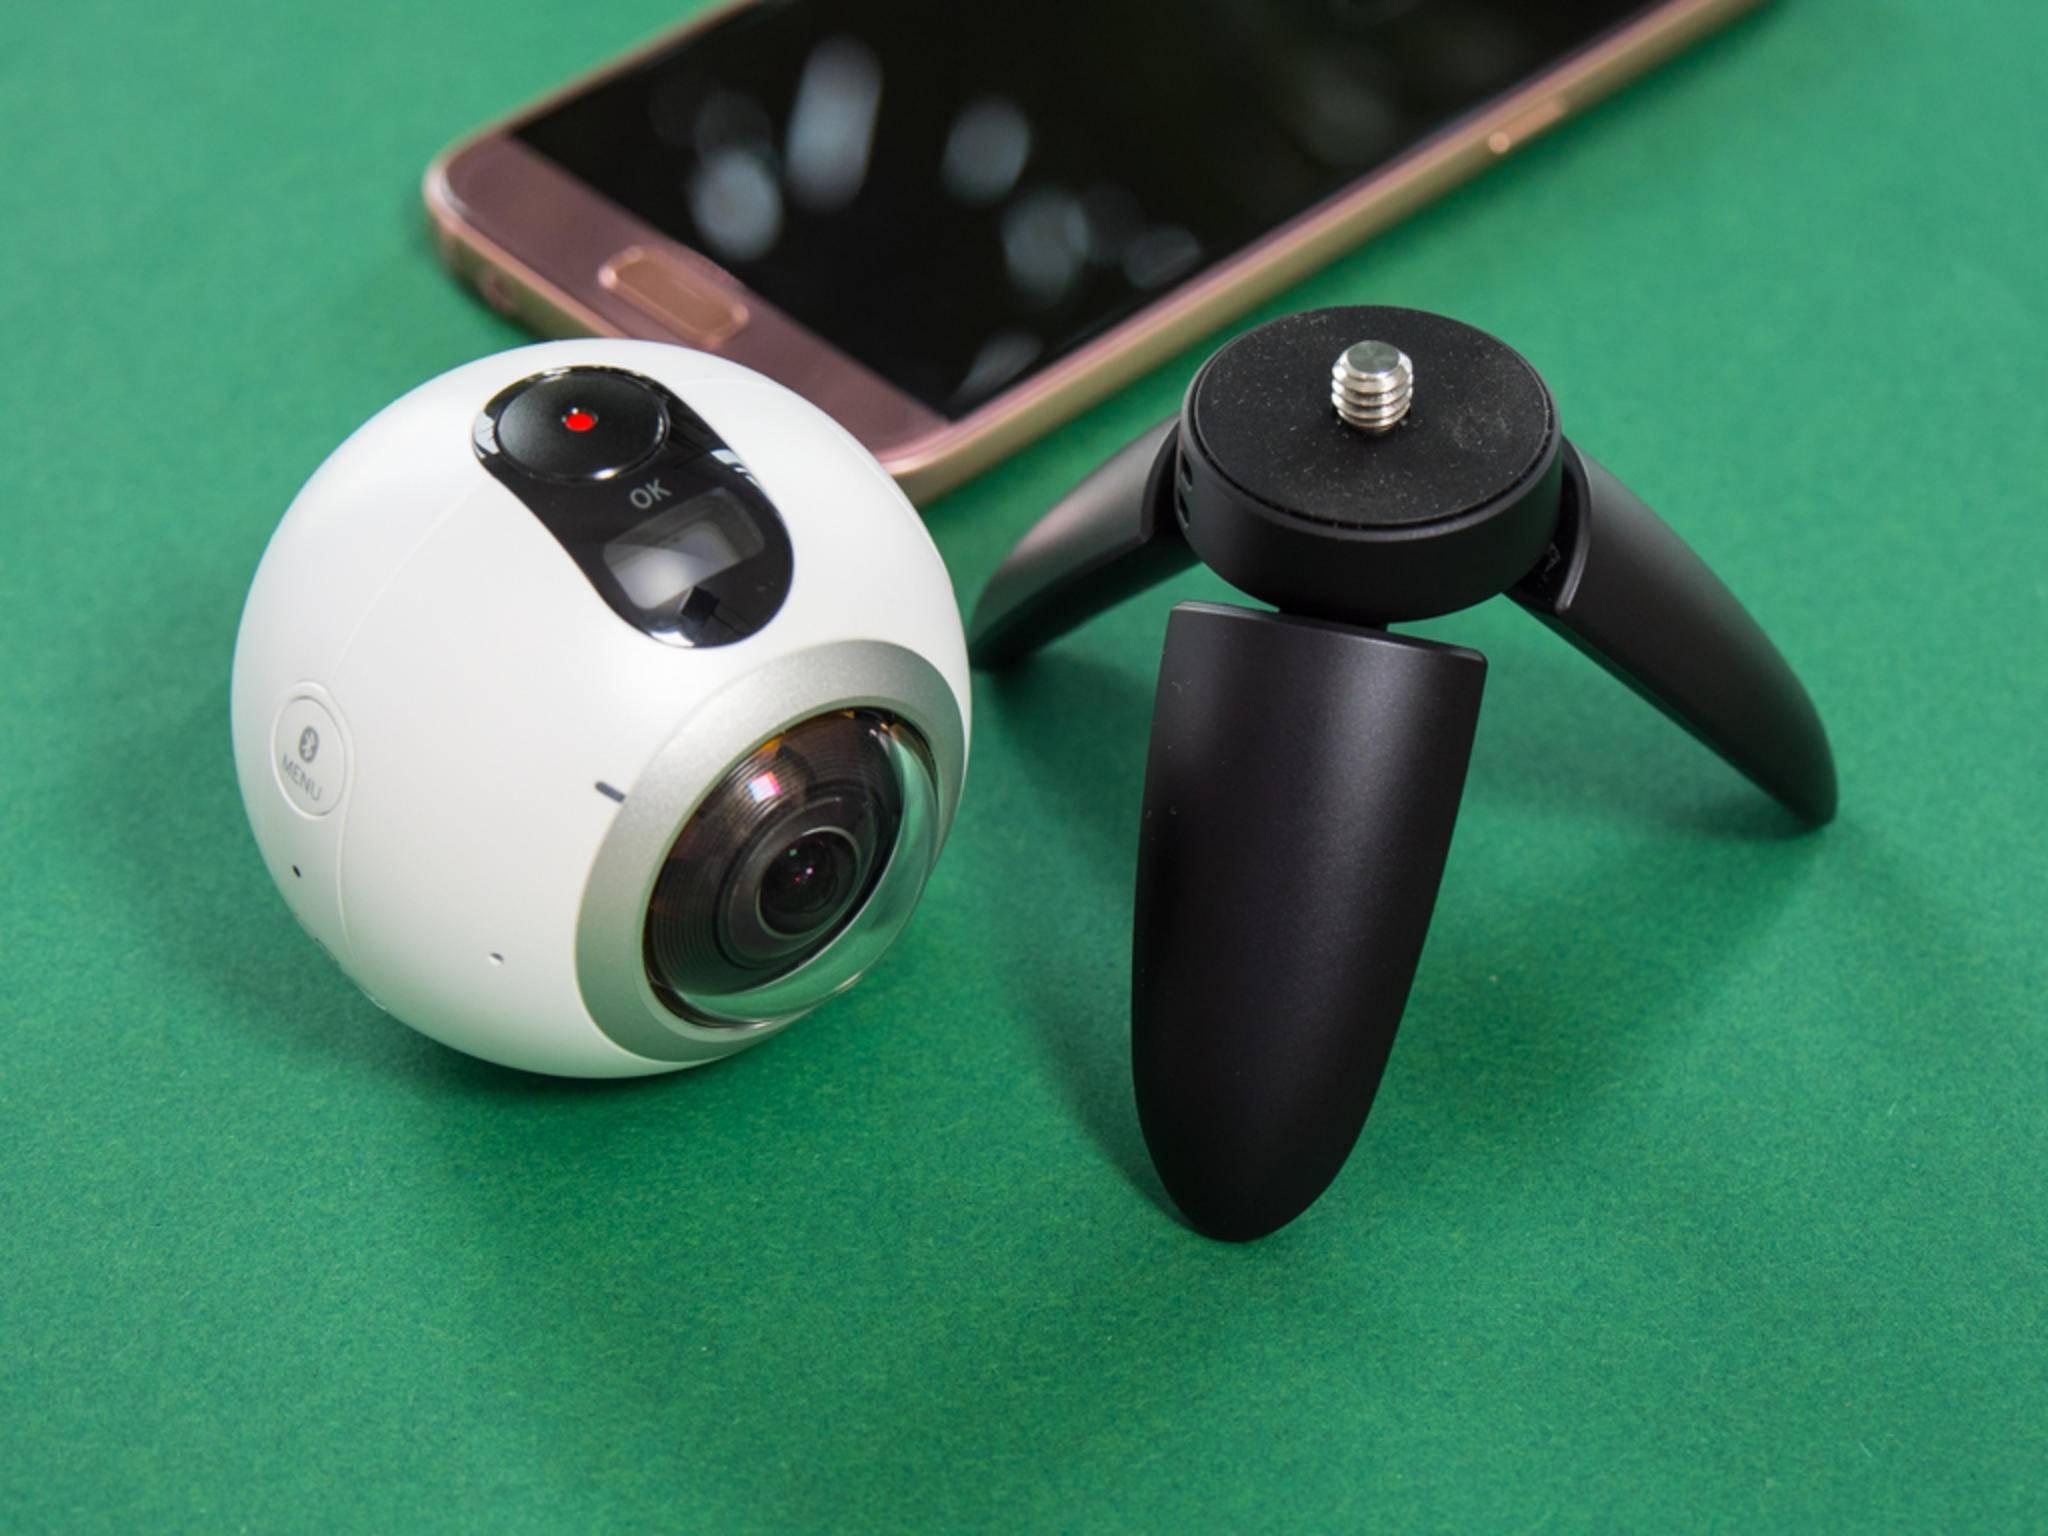 Die Form ist etwas unpraktisch, ansonsten macht die Gear 360 auch Action-Cams Konkurrenz.